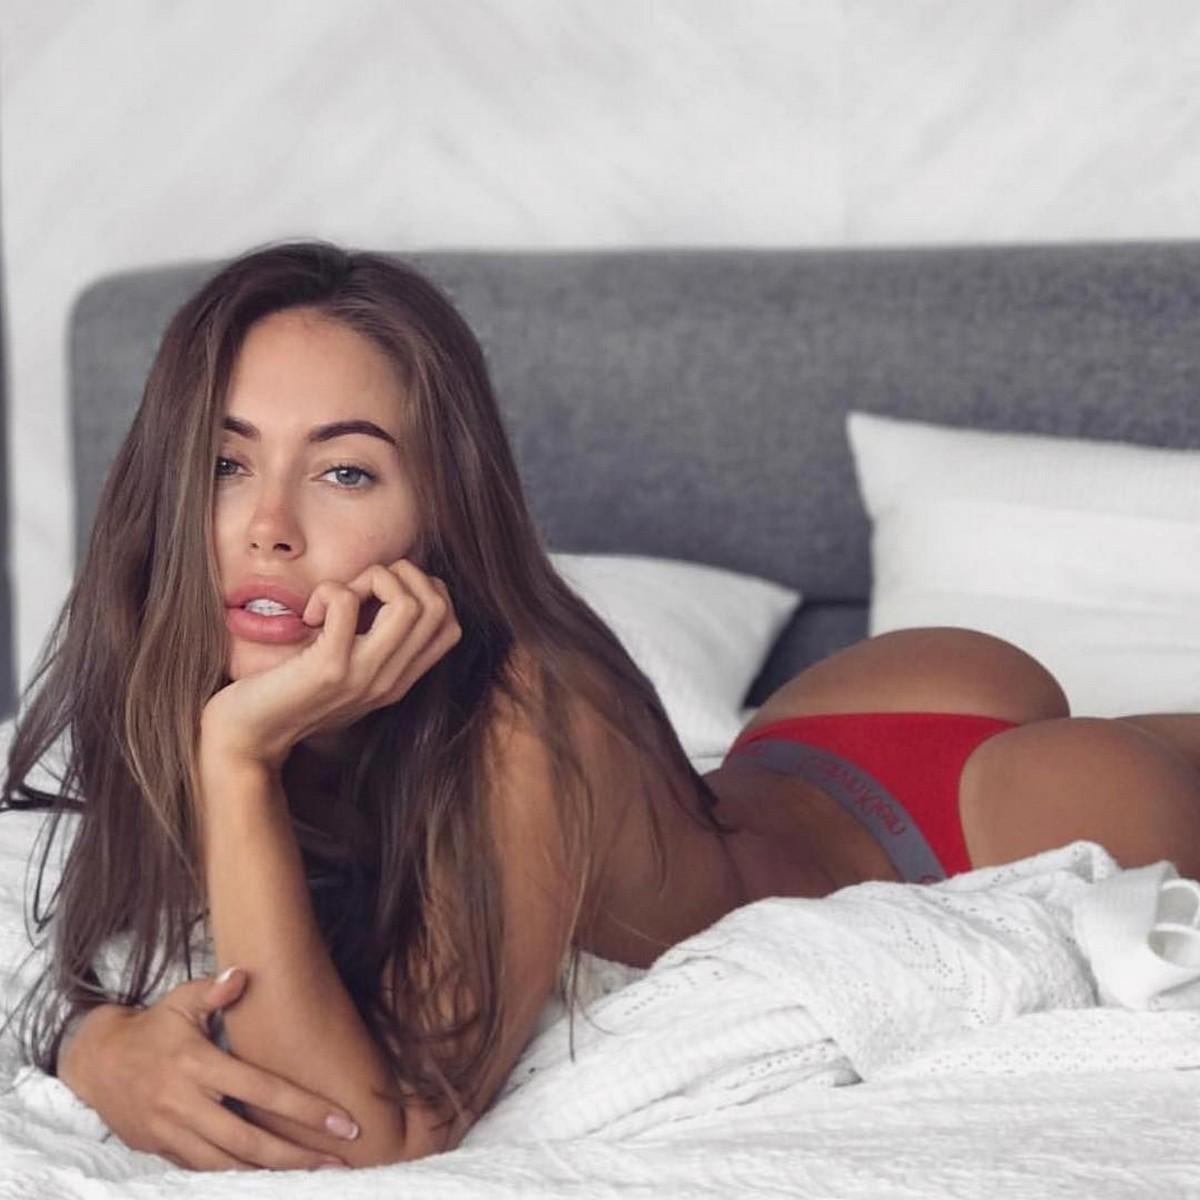 soñar con mucho sexo